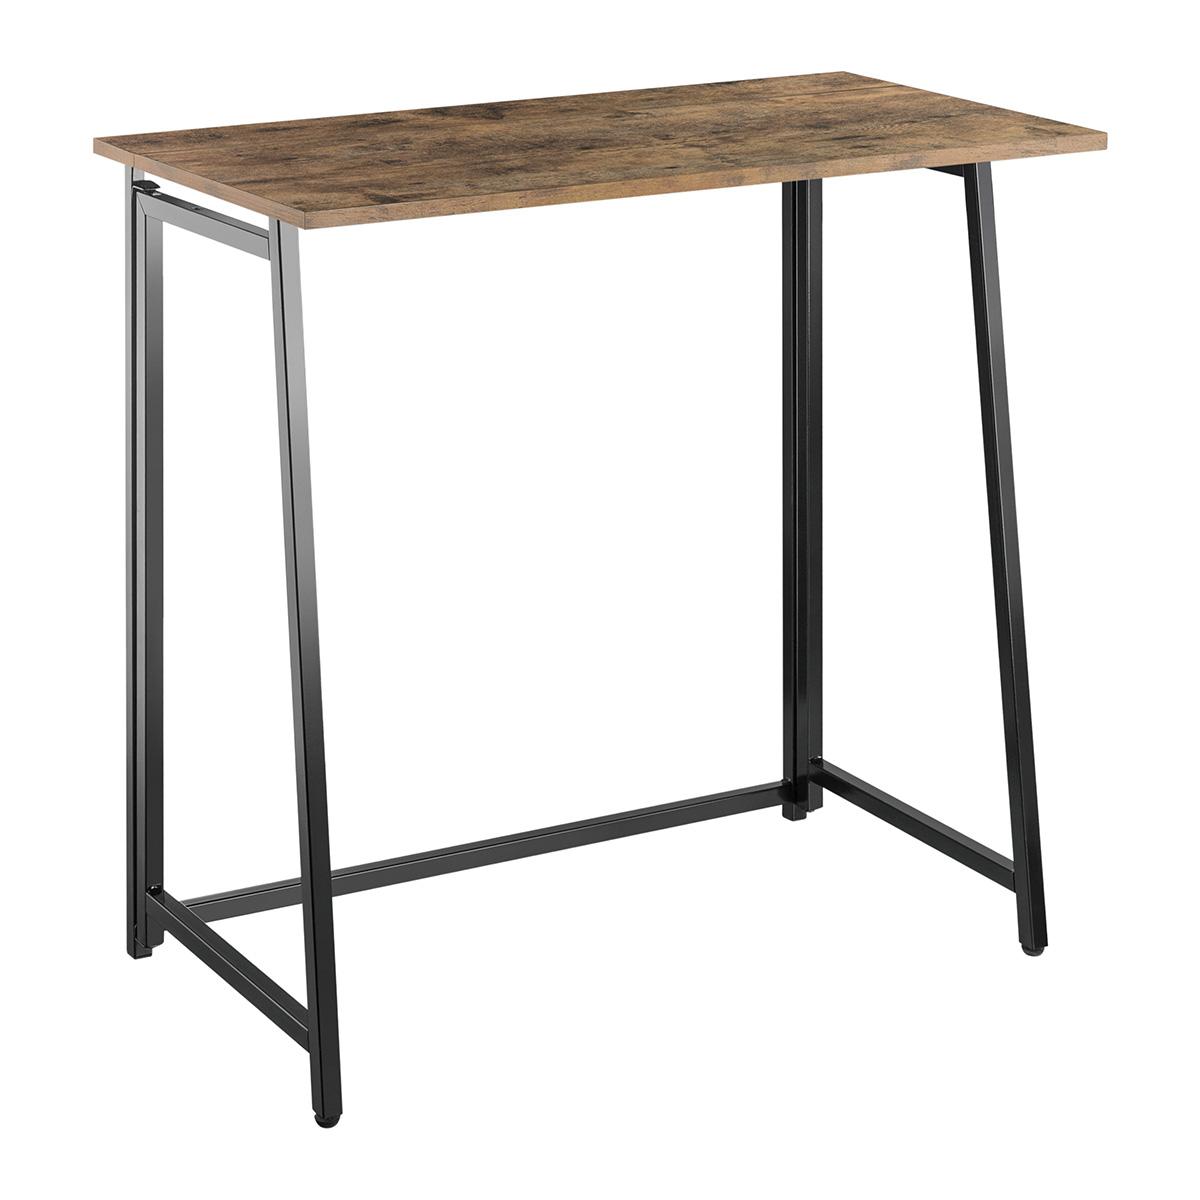 DF-8040F Foldable Workstation / Desk (Rustic Wood)